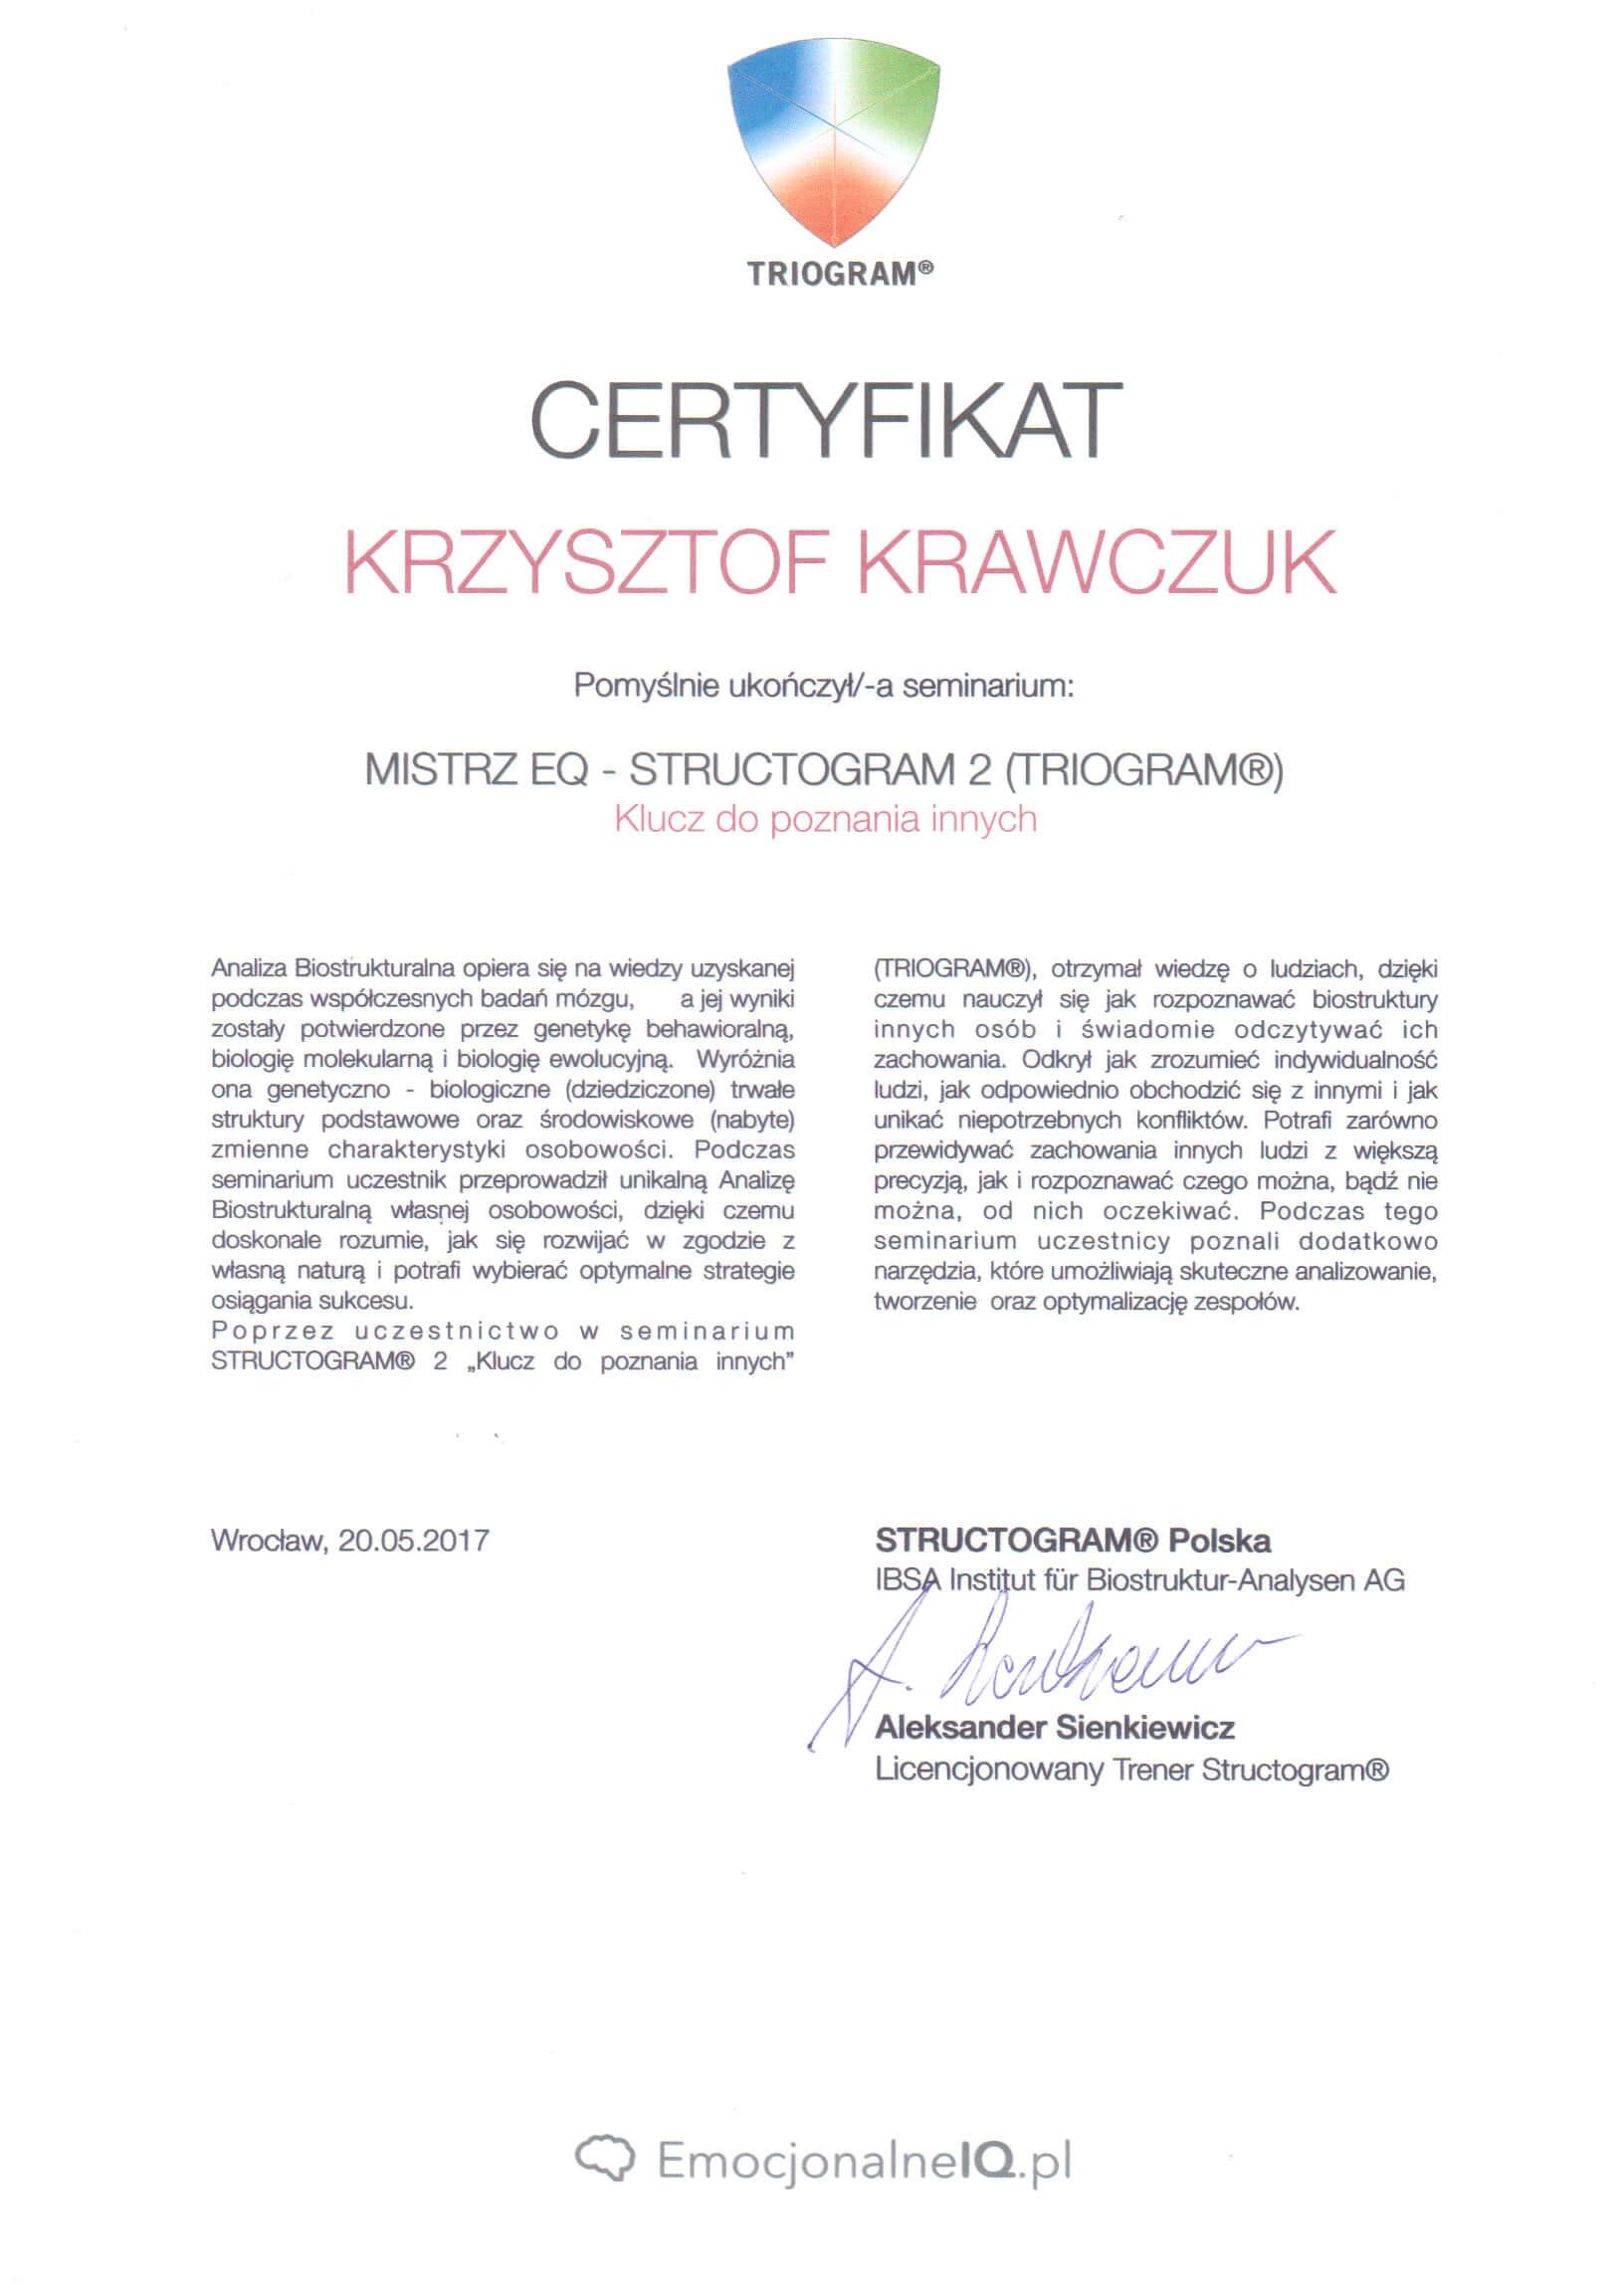 Certyfikat Mistrz EQ Structogram poziom 2